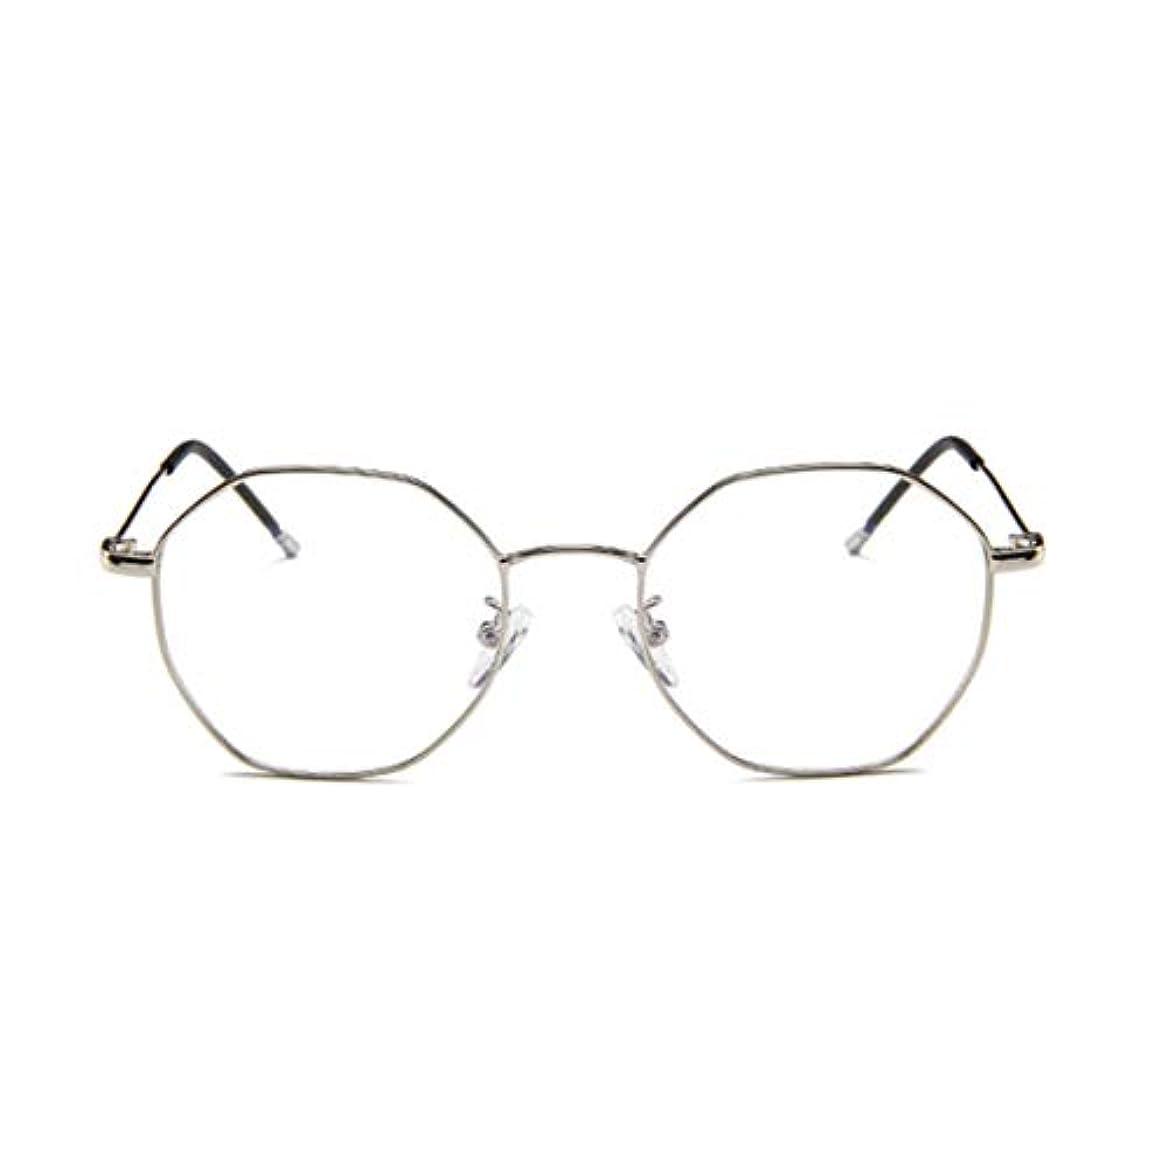 上院議員農場受け皿ファッションメガネ近視多角形フレーム韓国語版金属フレーム男性と女性のための不規則なフラットグラス-スライバー